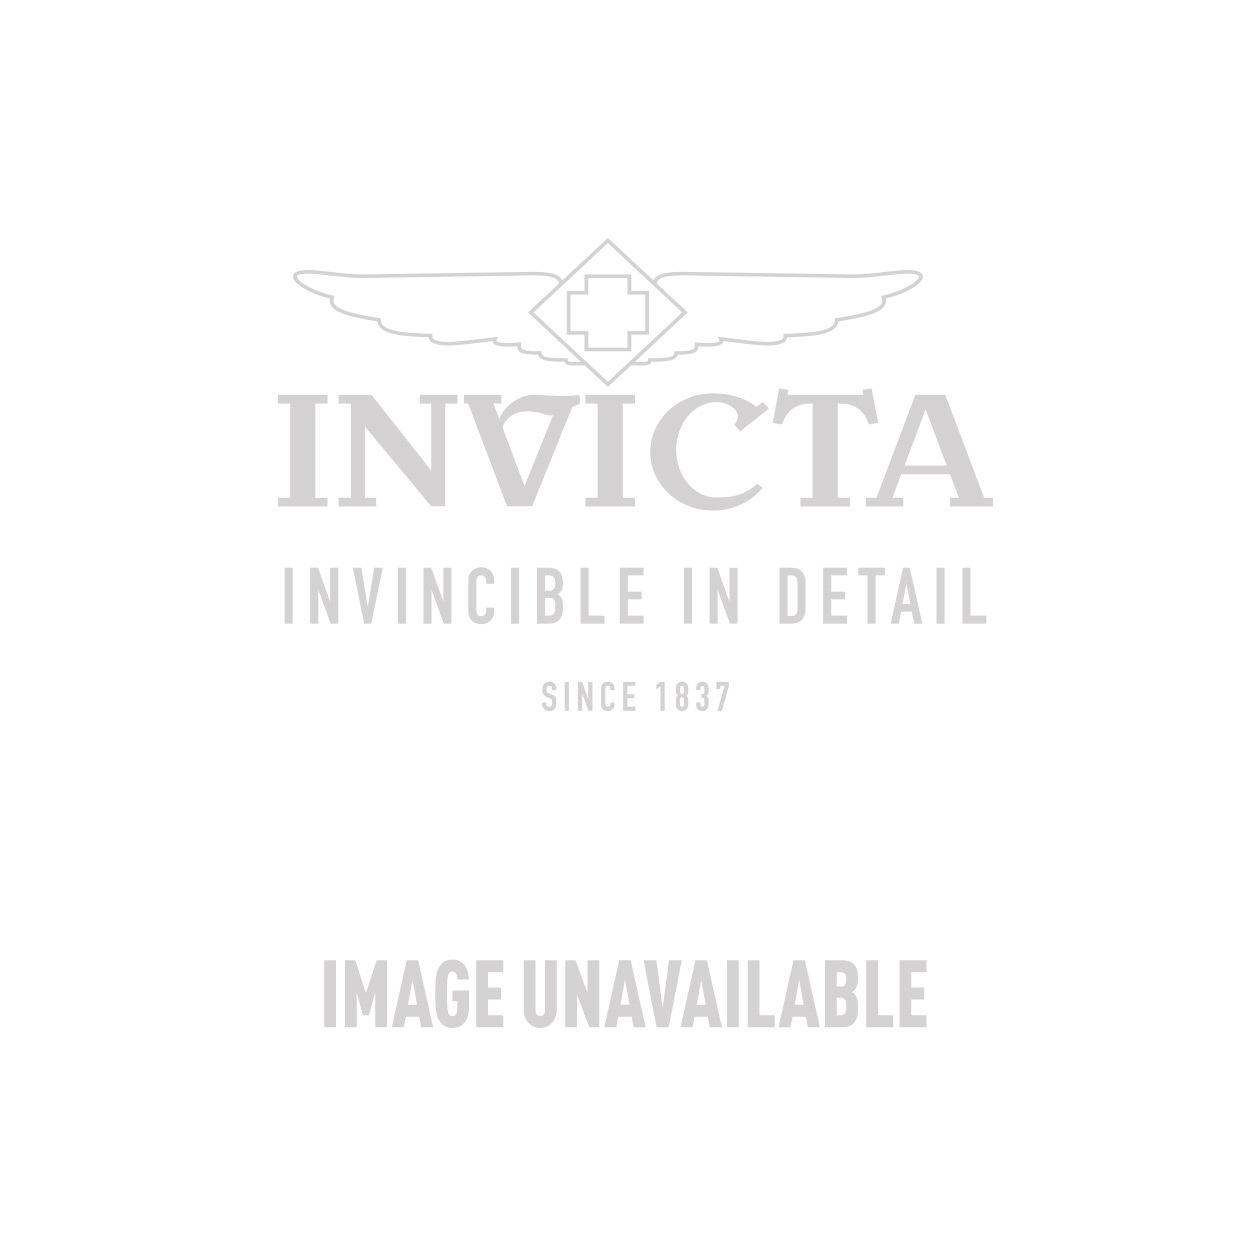 Invicta Subaqua  NOMA III Mens Quartz 50mm Blue Case  Stainless Steel Dial Model  - 14501